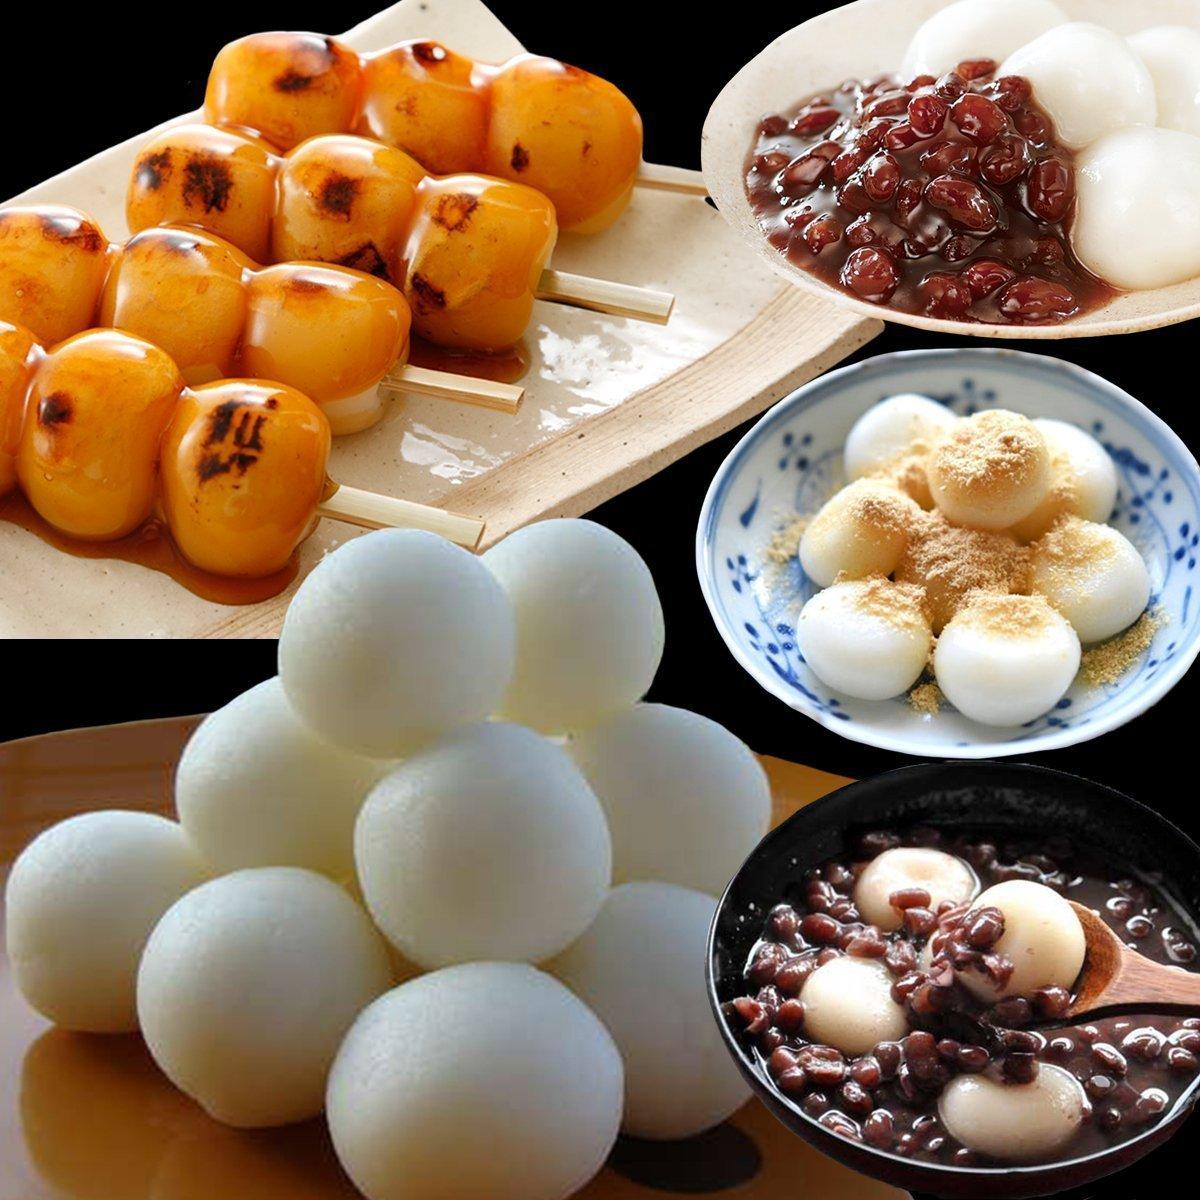 【ひなまつり】Frozen Shiratama (Rice Dumplings) 500g  / タヌマ 冷凍白玉500g 小分けに仕えて簡単♪おやつにも♪